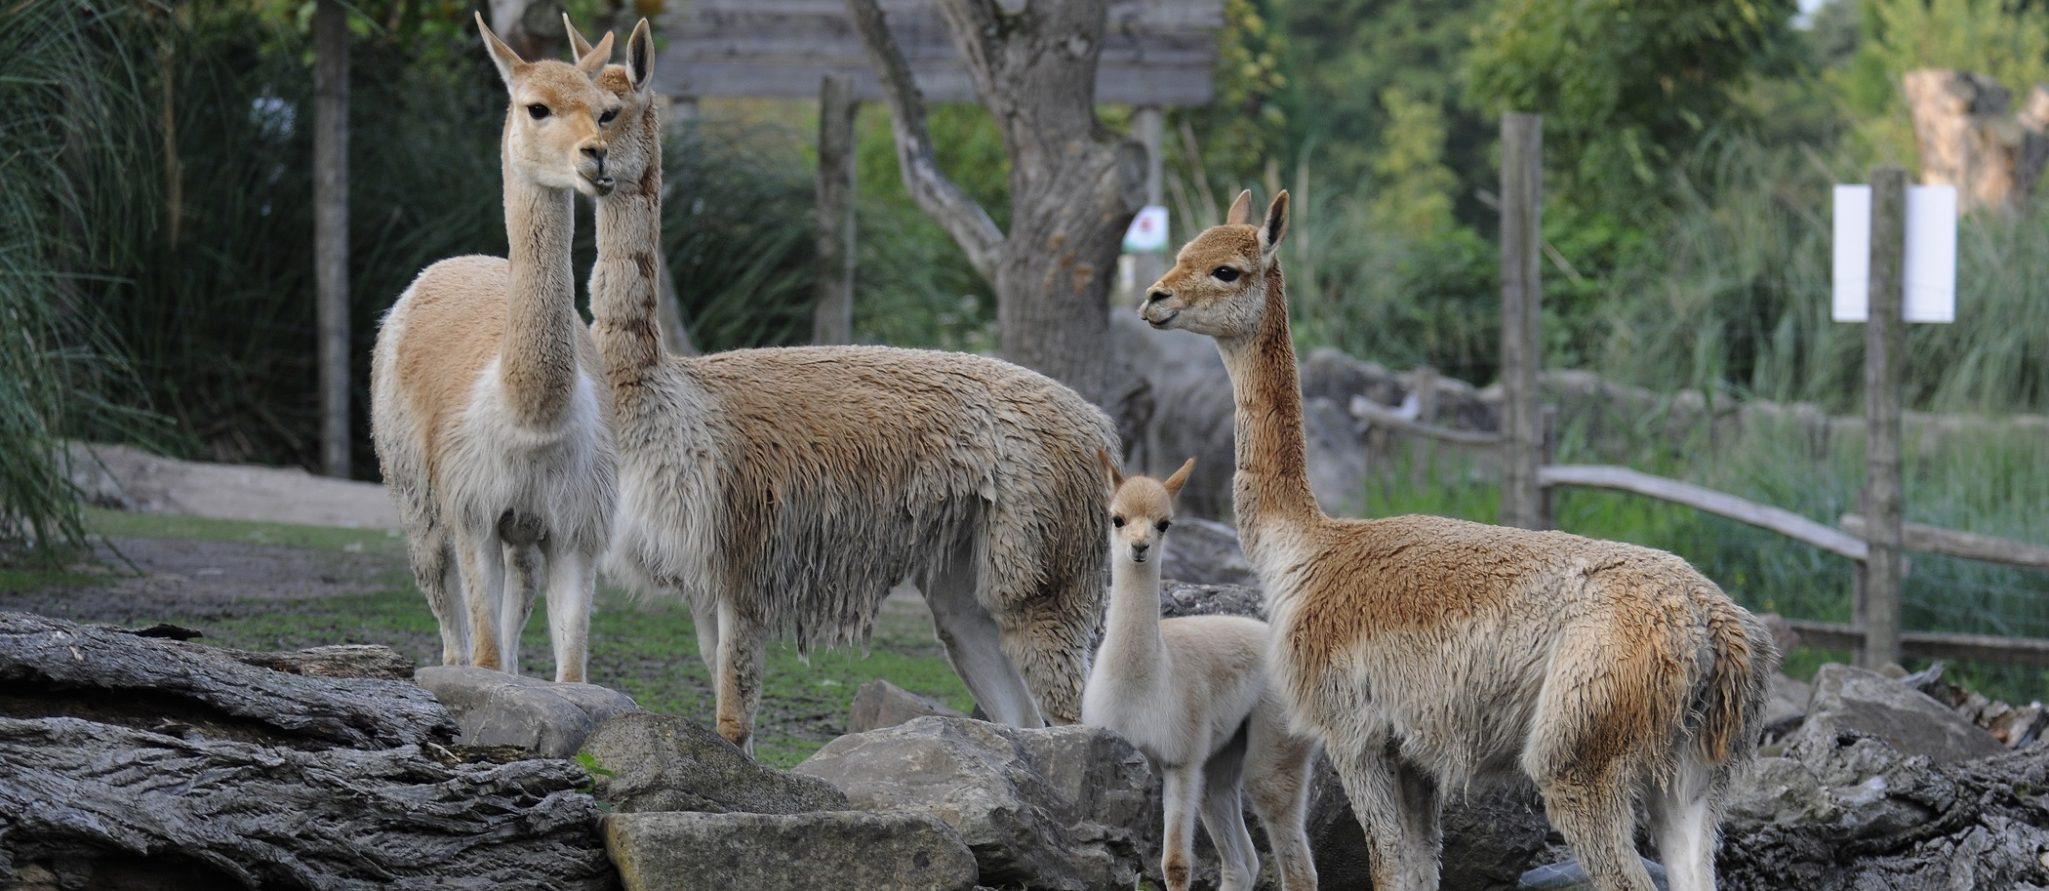 vicuña's kijken je aan